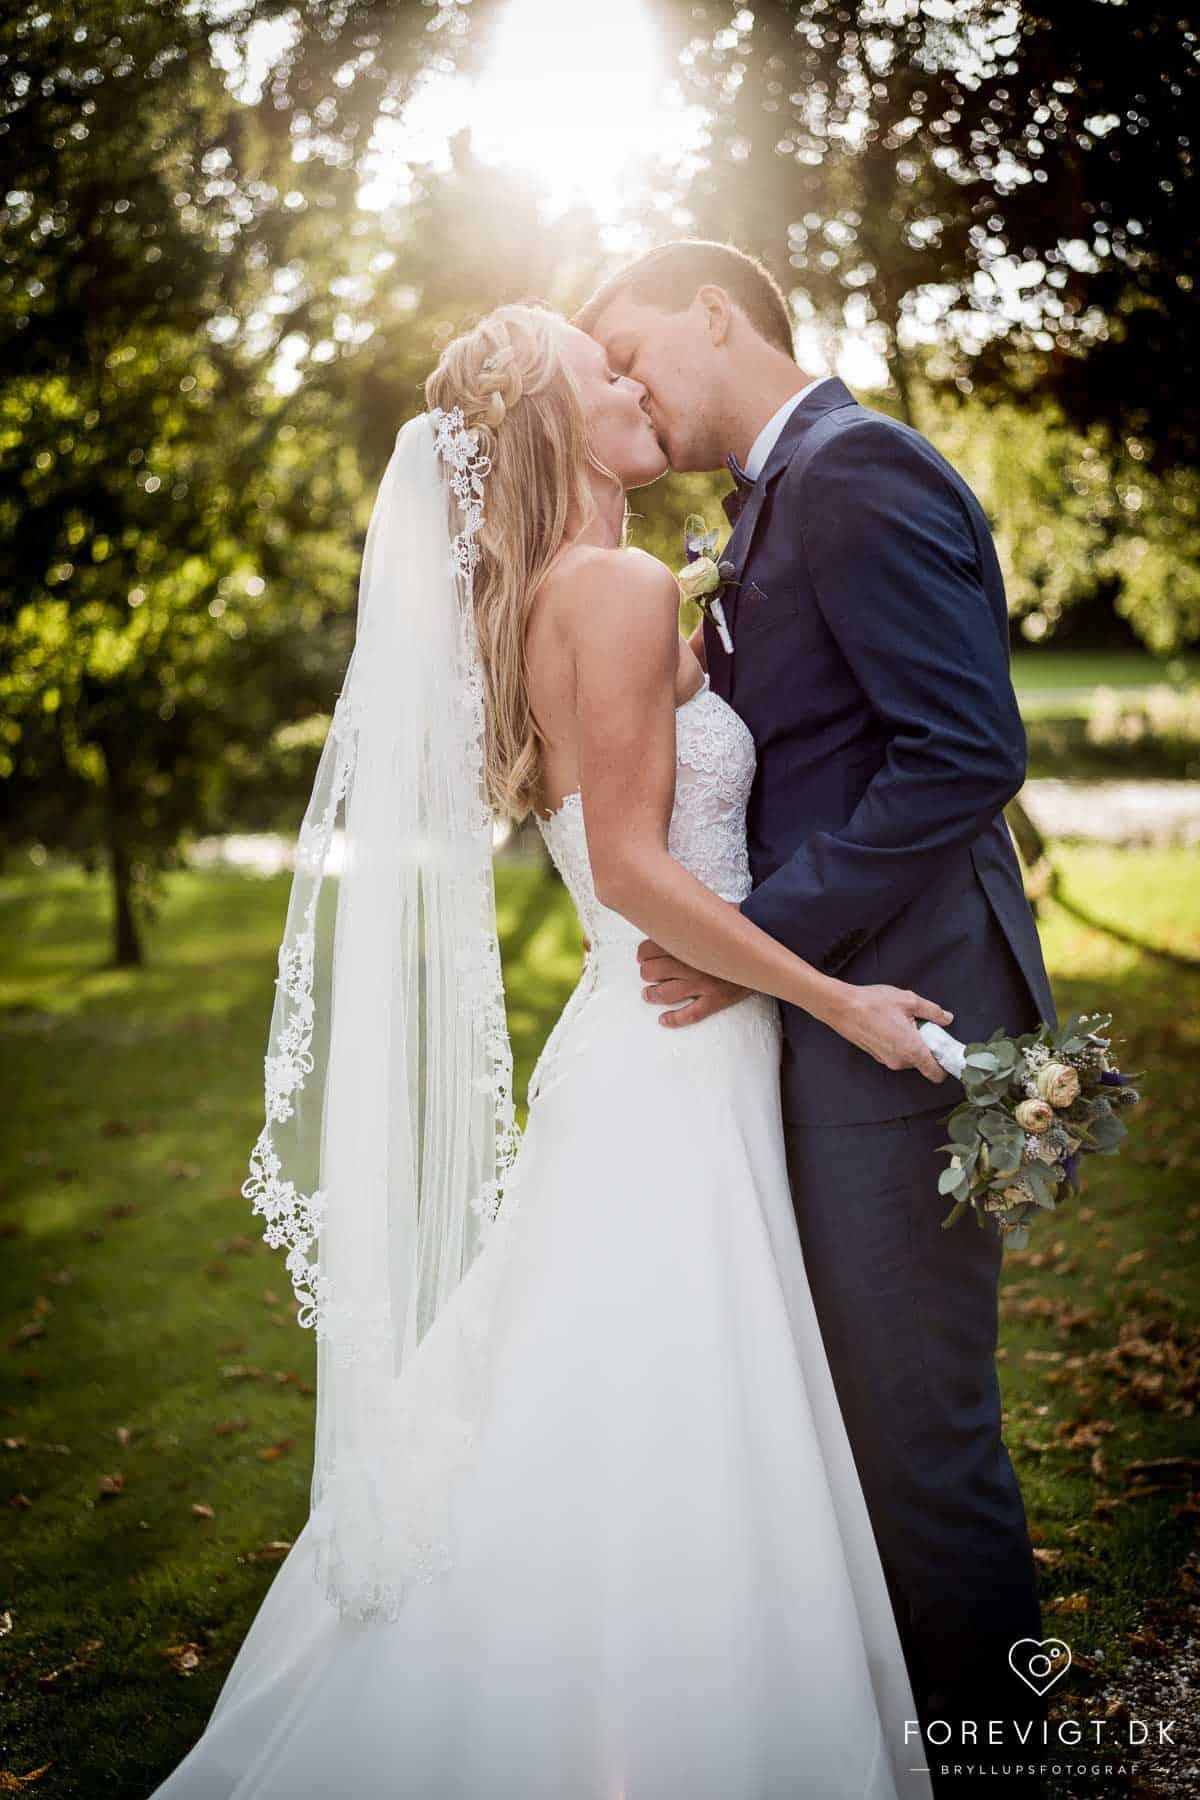 Bryllupsfotograf Sønderborg - fotografer, bryllupsbilleder, bryllupsfotografer